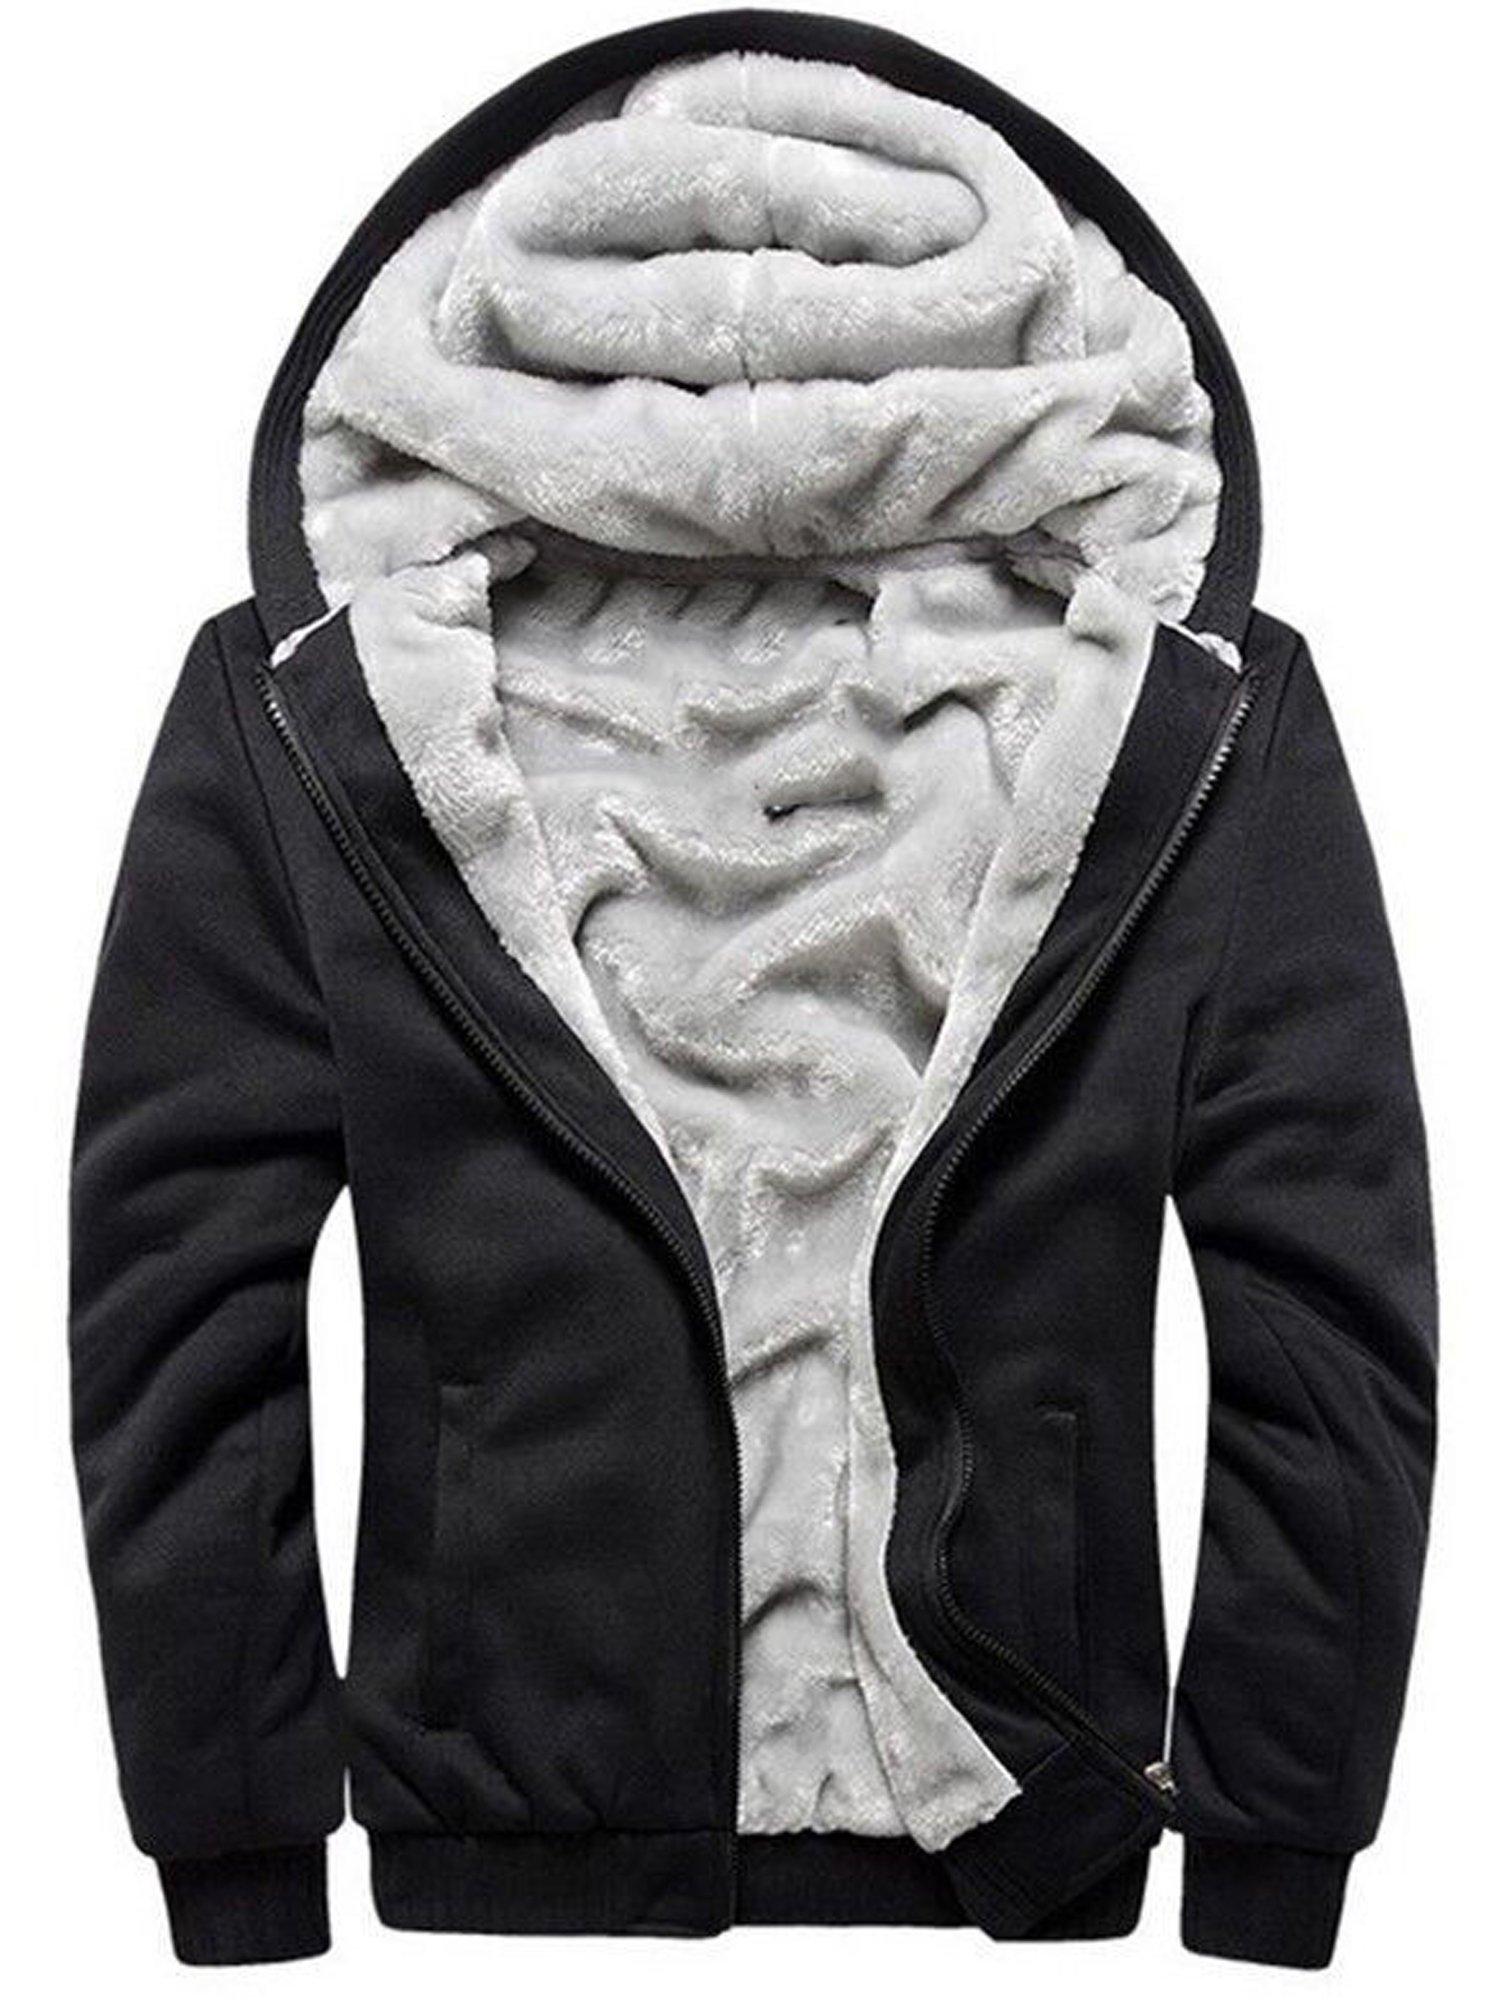 TOLOER Men's Pullover Winter Fleece Hoodie Jackets Full Zip Warm Thick Coats Black X-Large